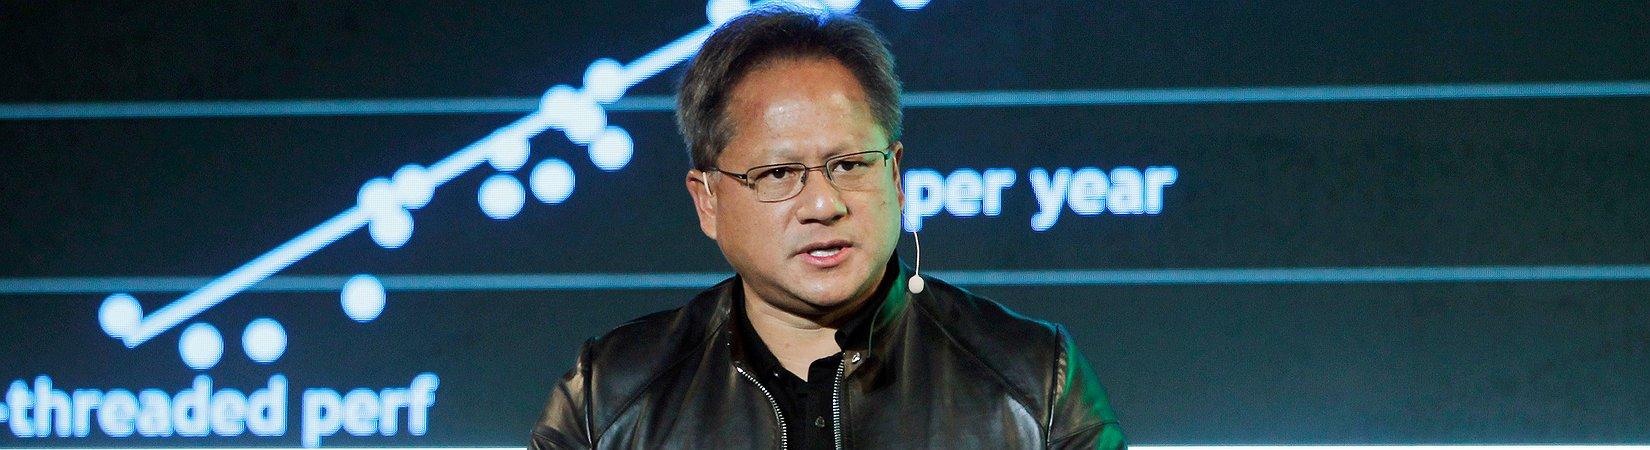 NVIDIA أم AMD: ما الذي يجب أن يختار المستثمر